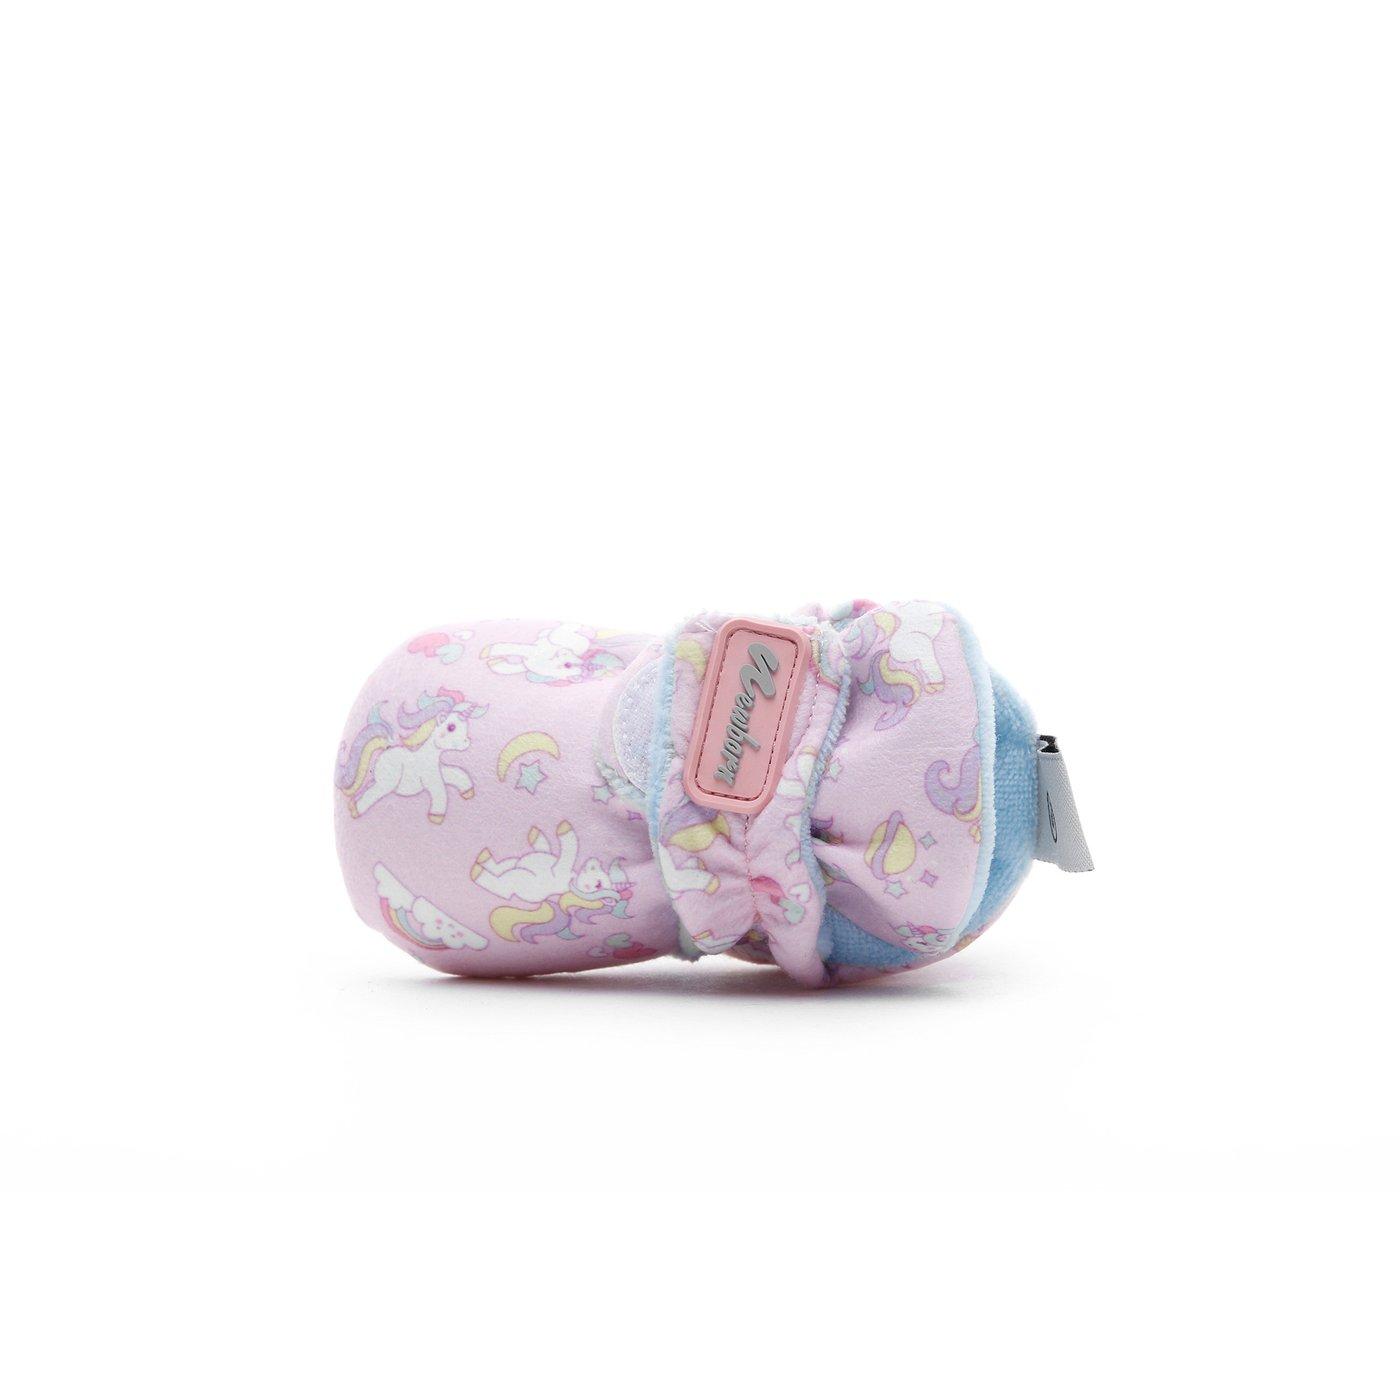 Newborn Unicorn Bebek Pembe Panduf